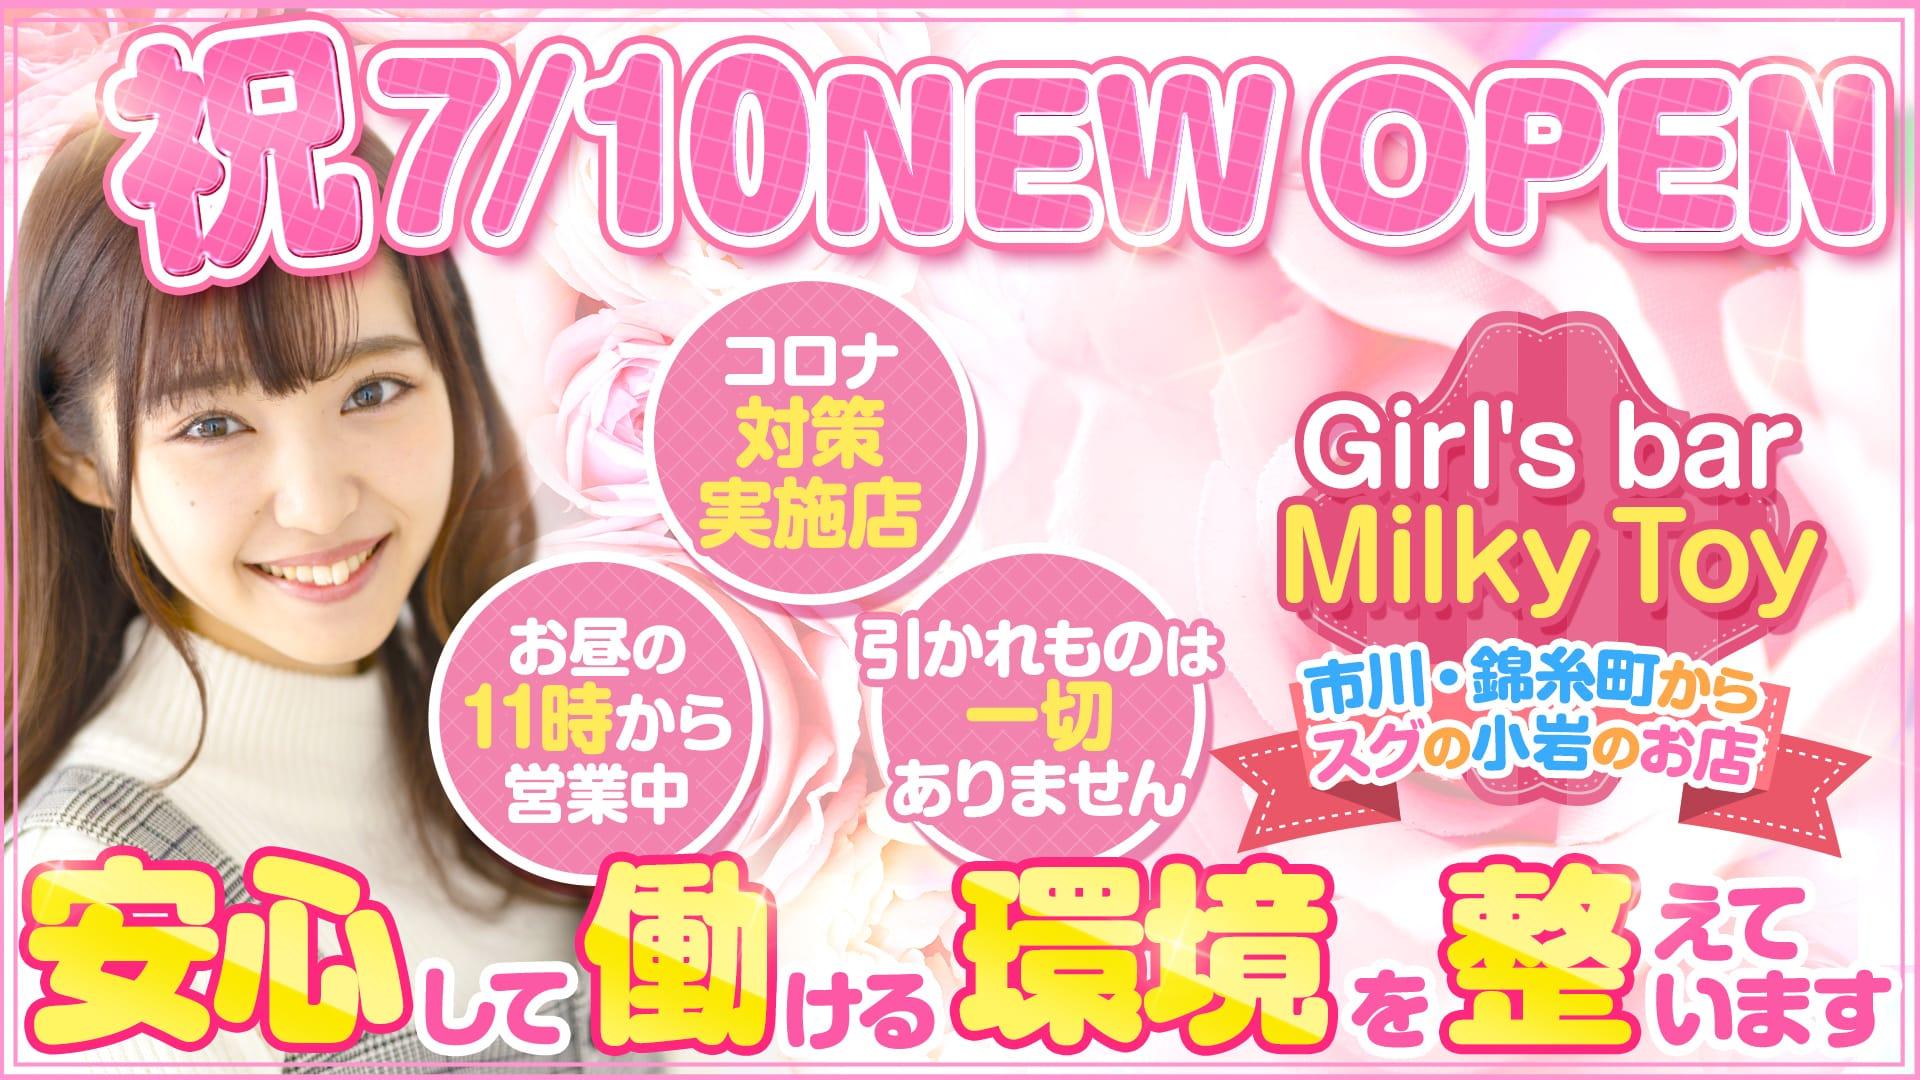 【小岩】Girl's bar Milky Toy(ミルキートイ) 錦糸町ガールズバー TOP画像